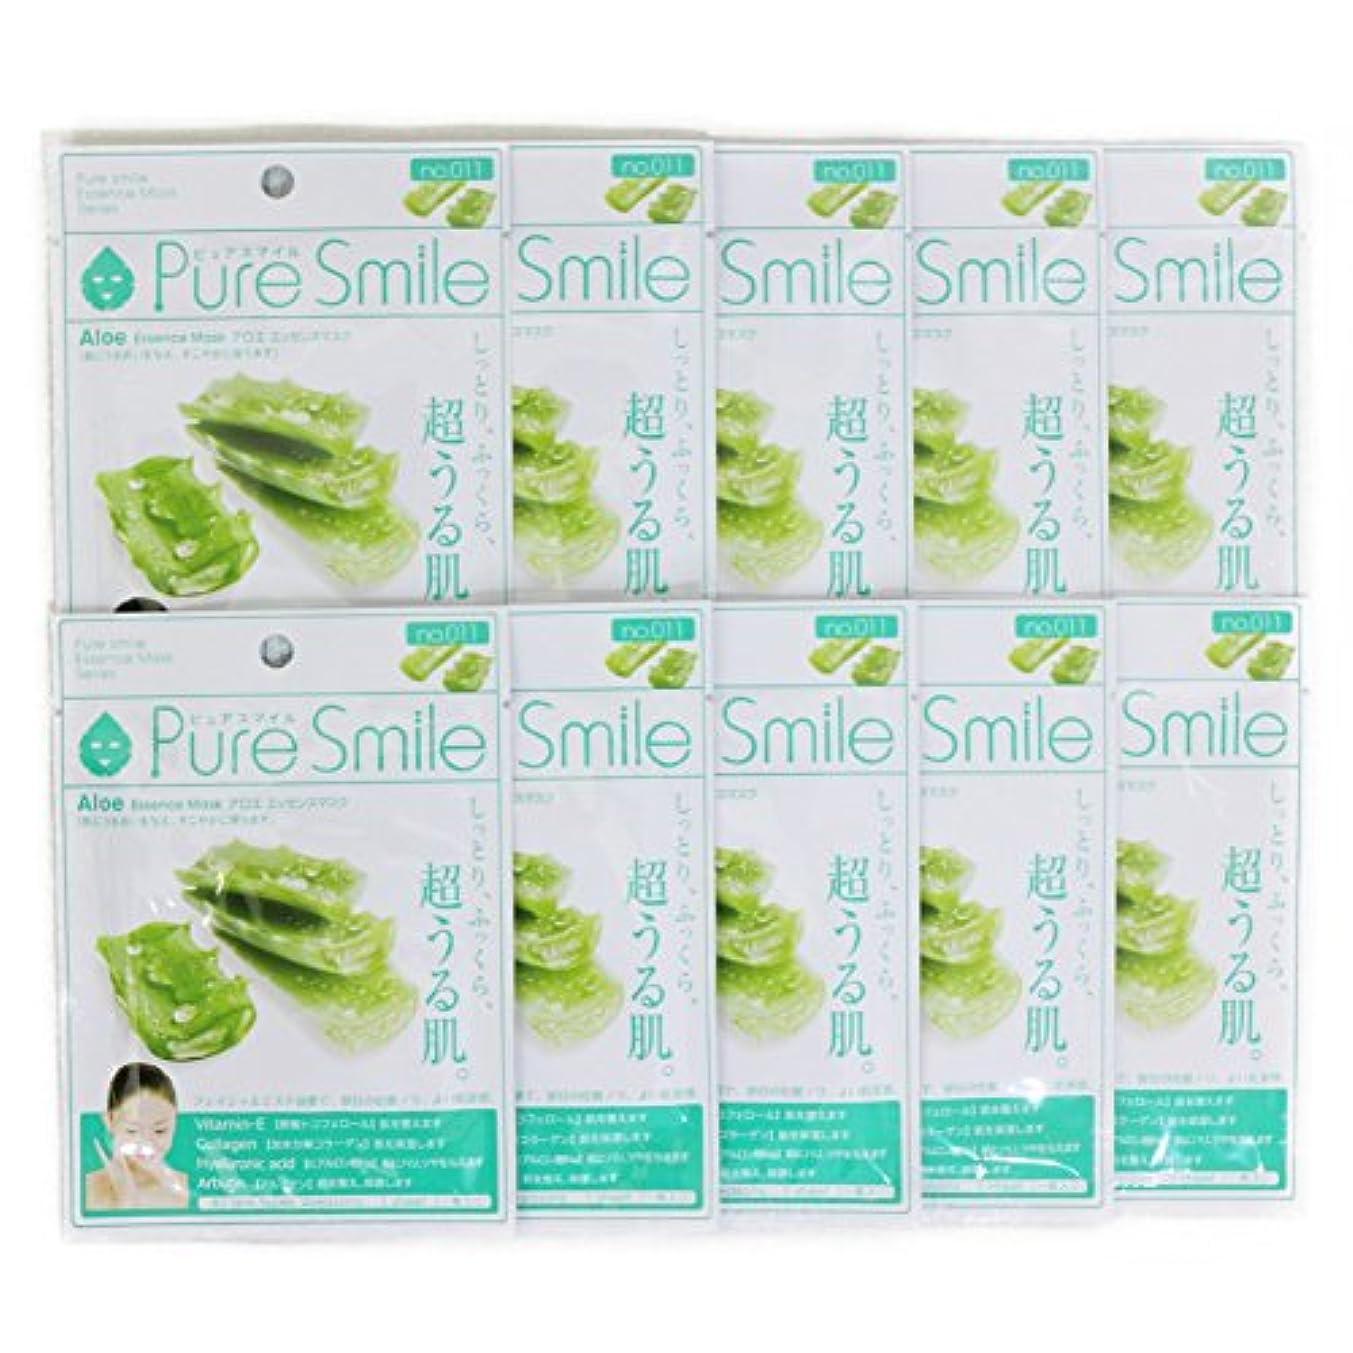 文明カルシウムながらPure Smile ピュアスマイル エッセンスマスク アロエ 10枚セット